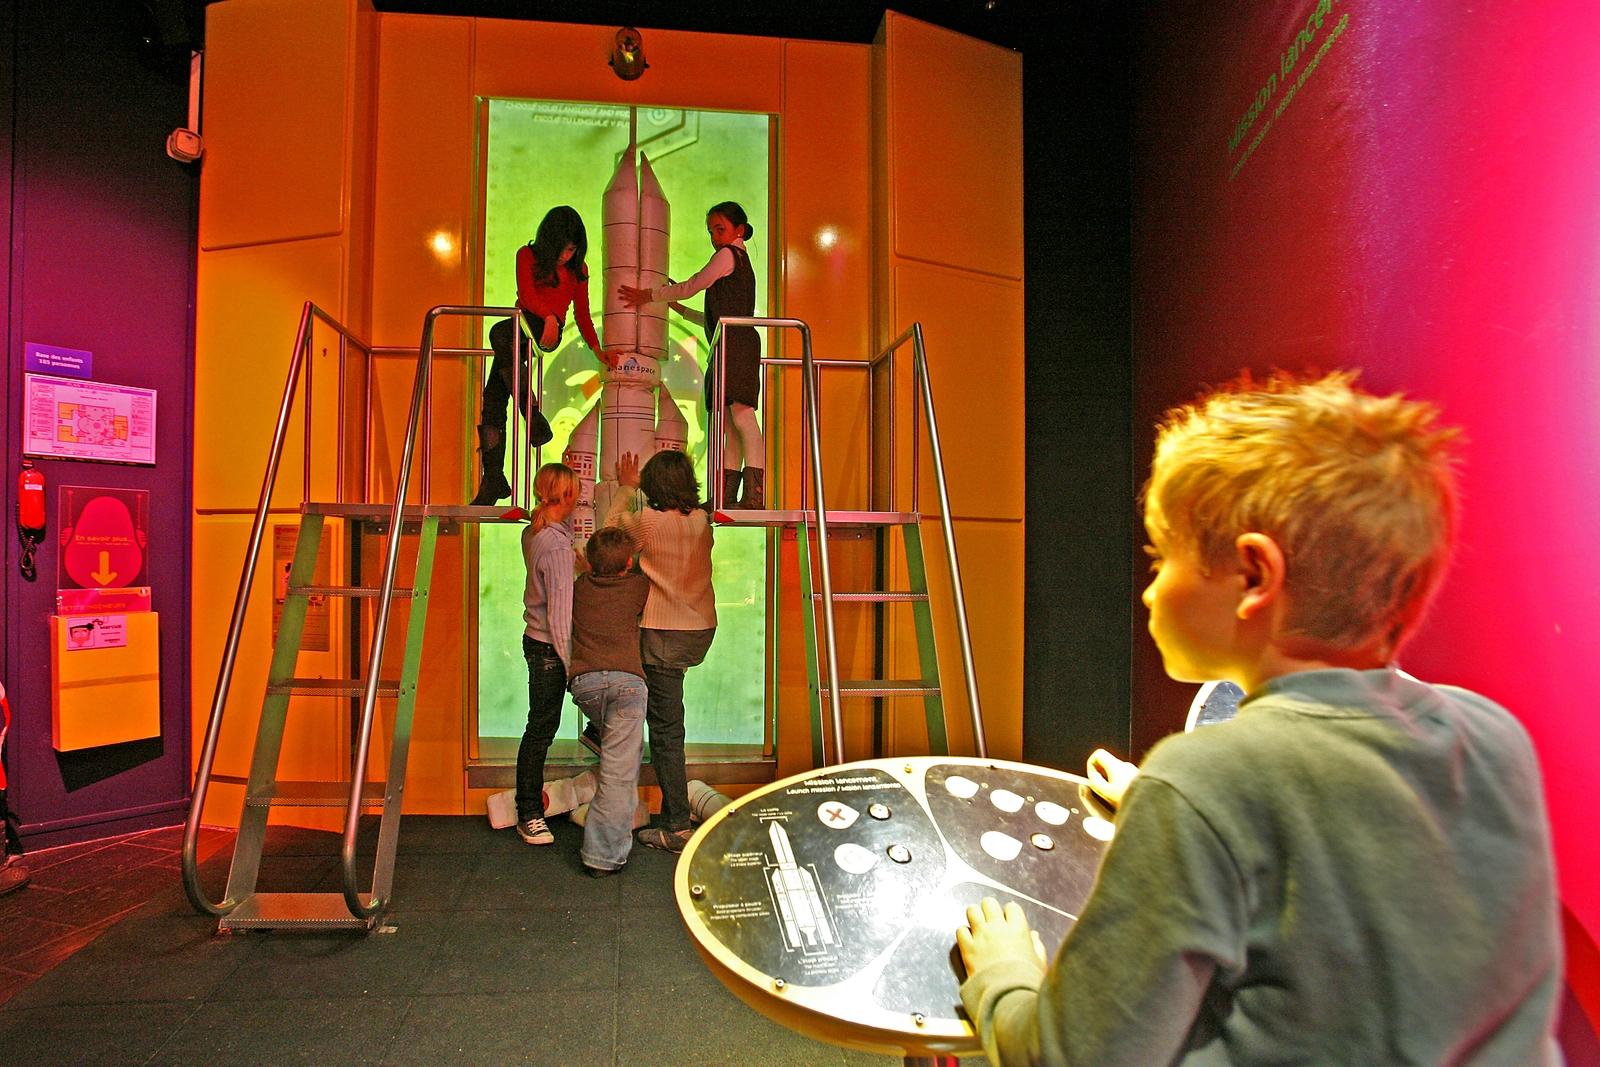 Cite de l'espace de Toulouse. Manipulations, expériences et jeux dans l'espace enfants.